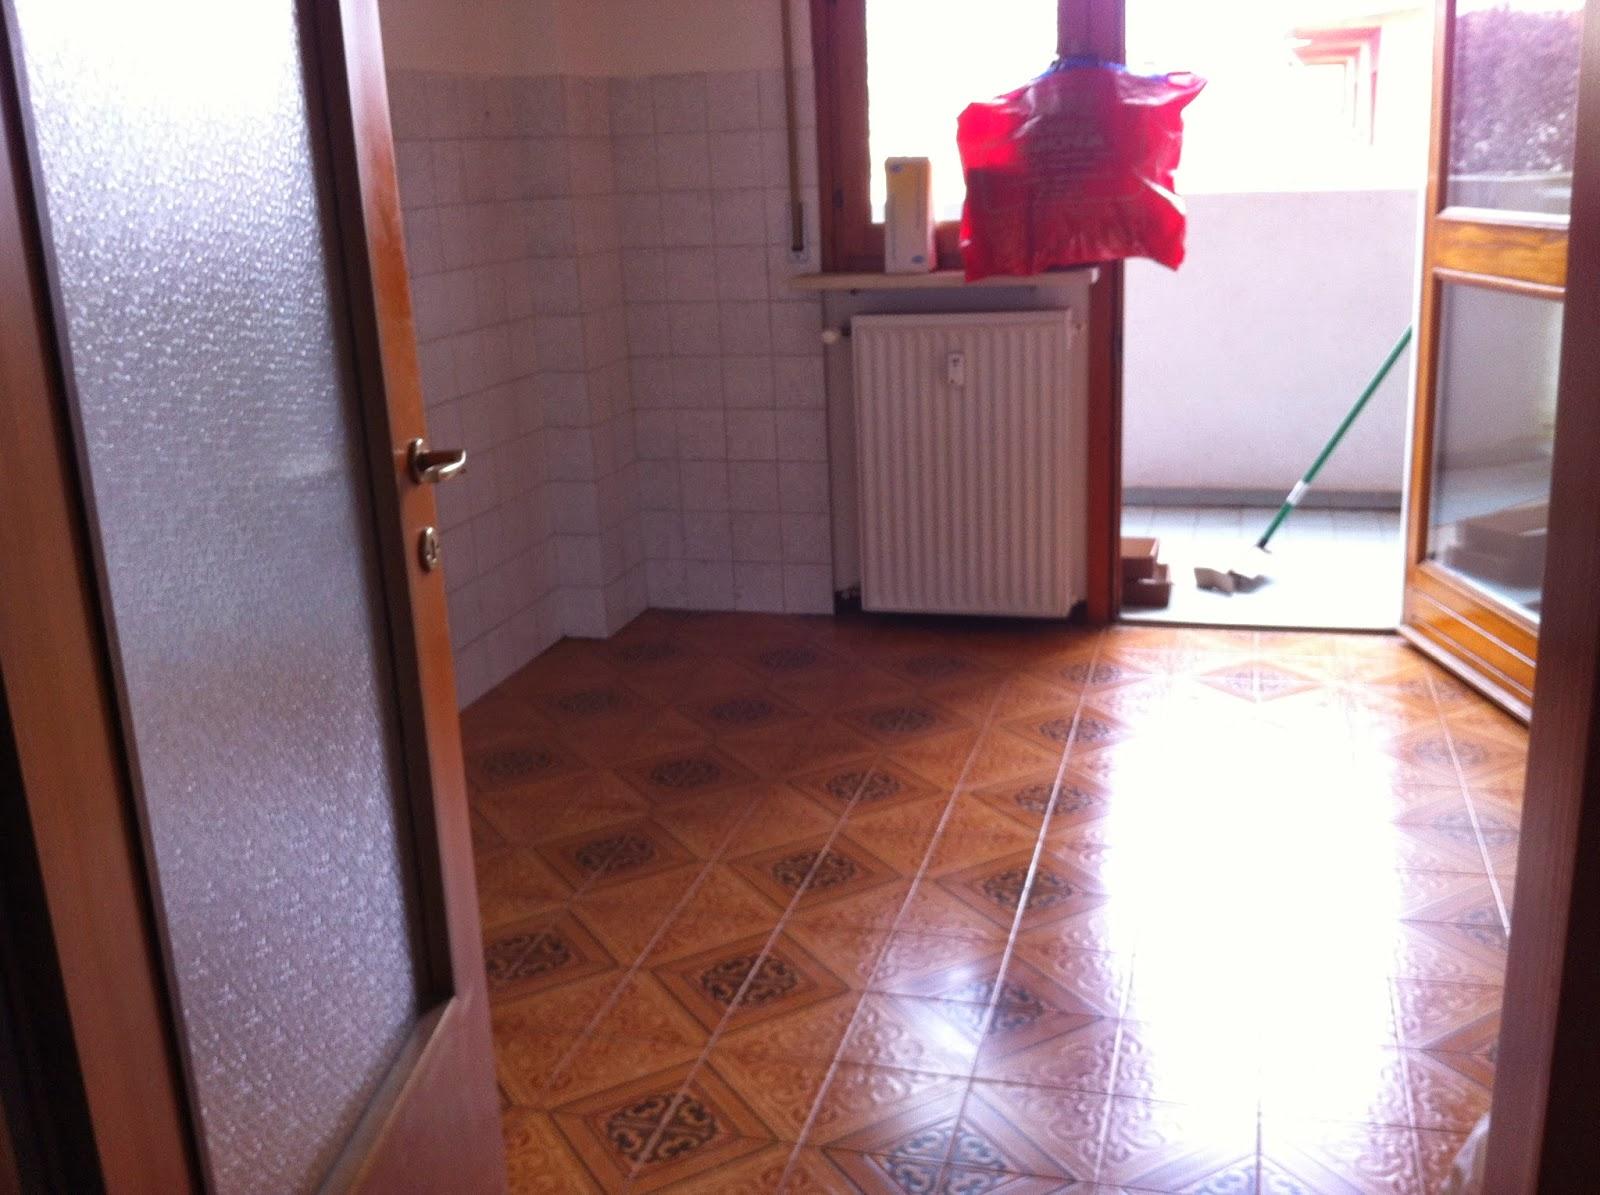 Piastrelle in pvc in cucina - Verniciare piastrelle pavimento ...